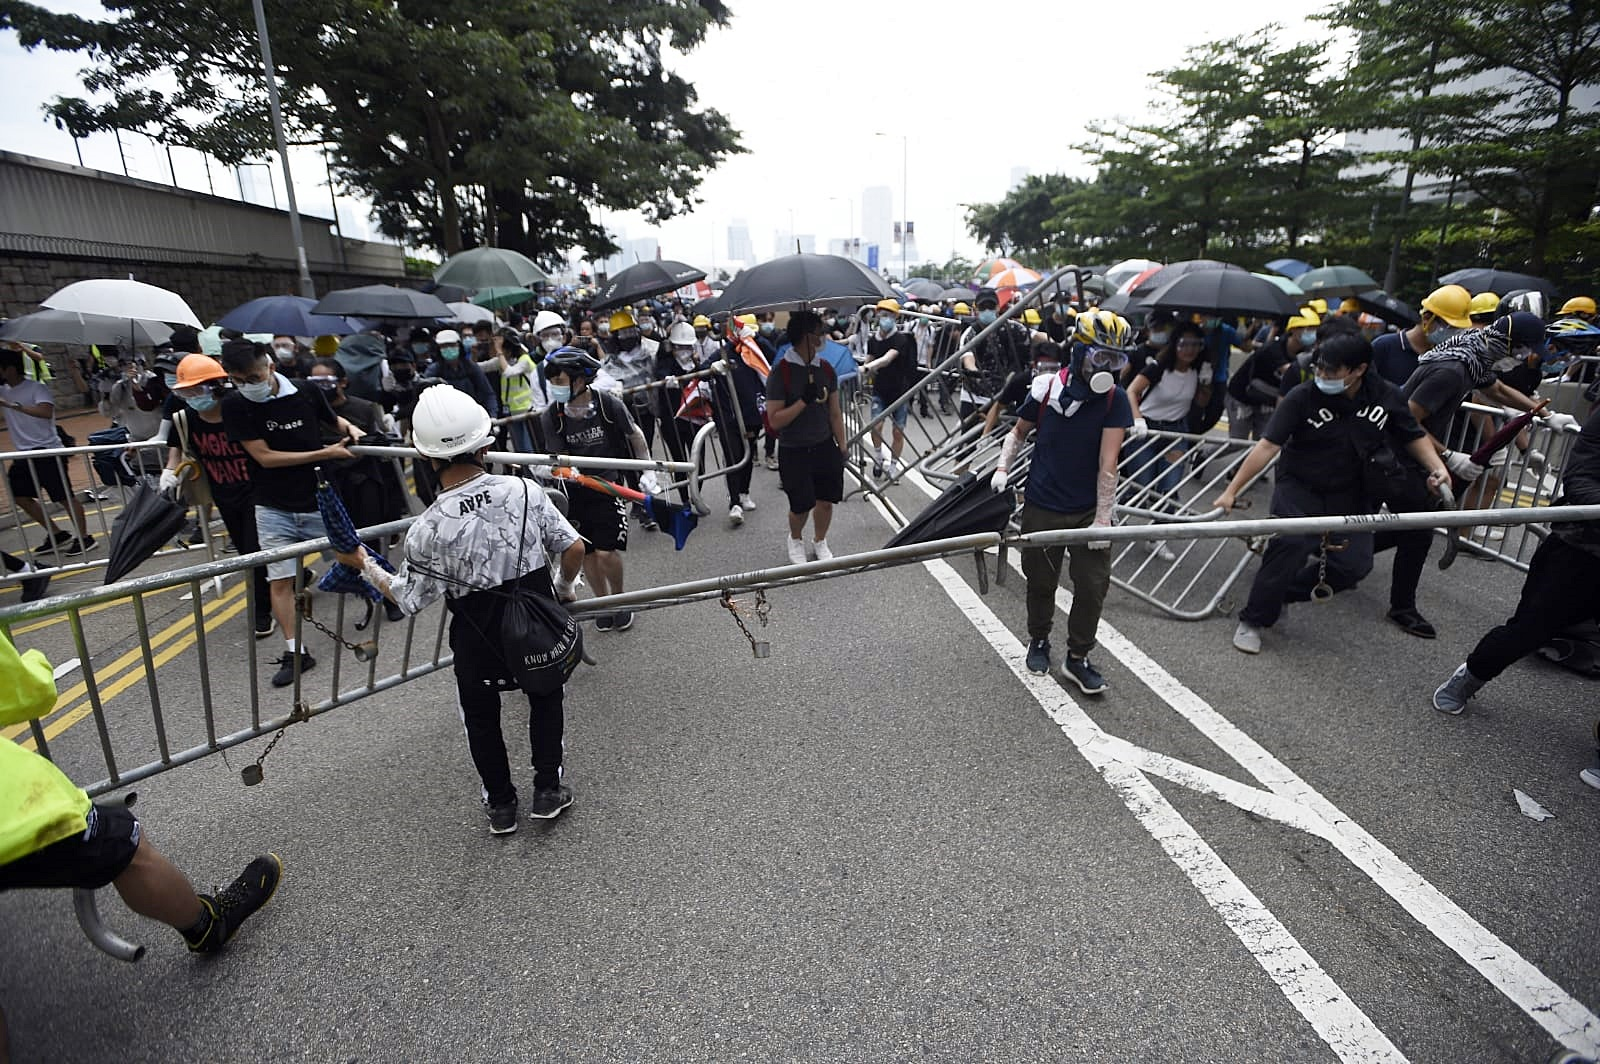 示威者搬動鐵馬作路障。